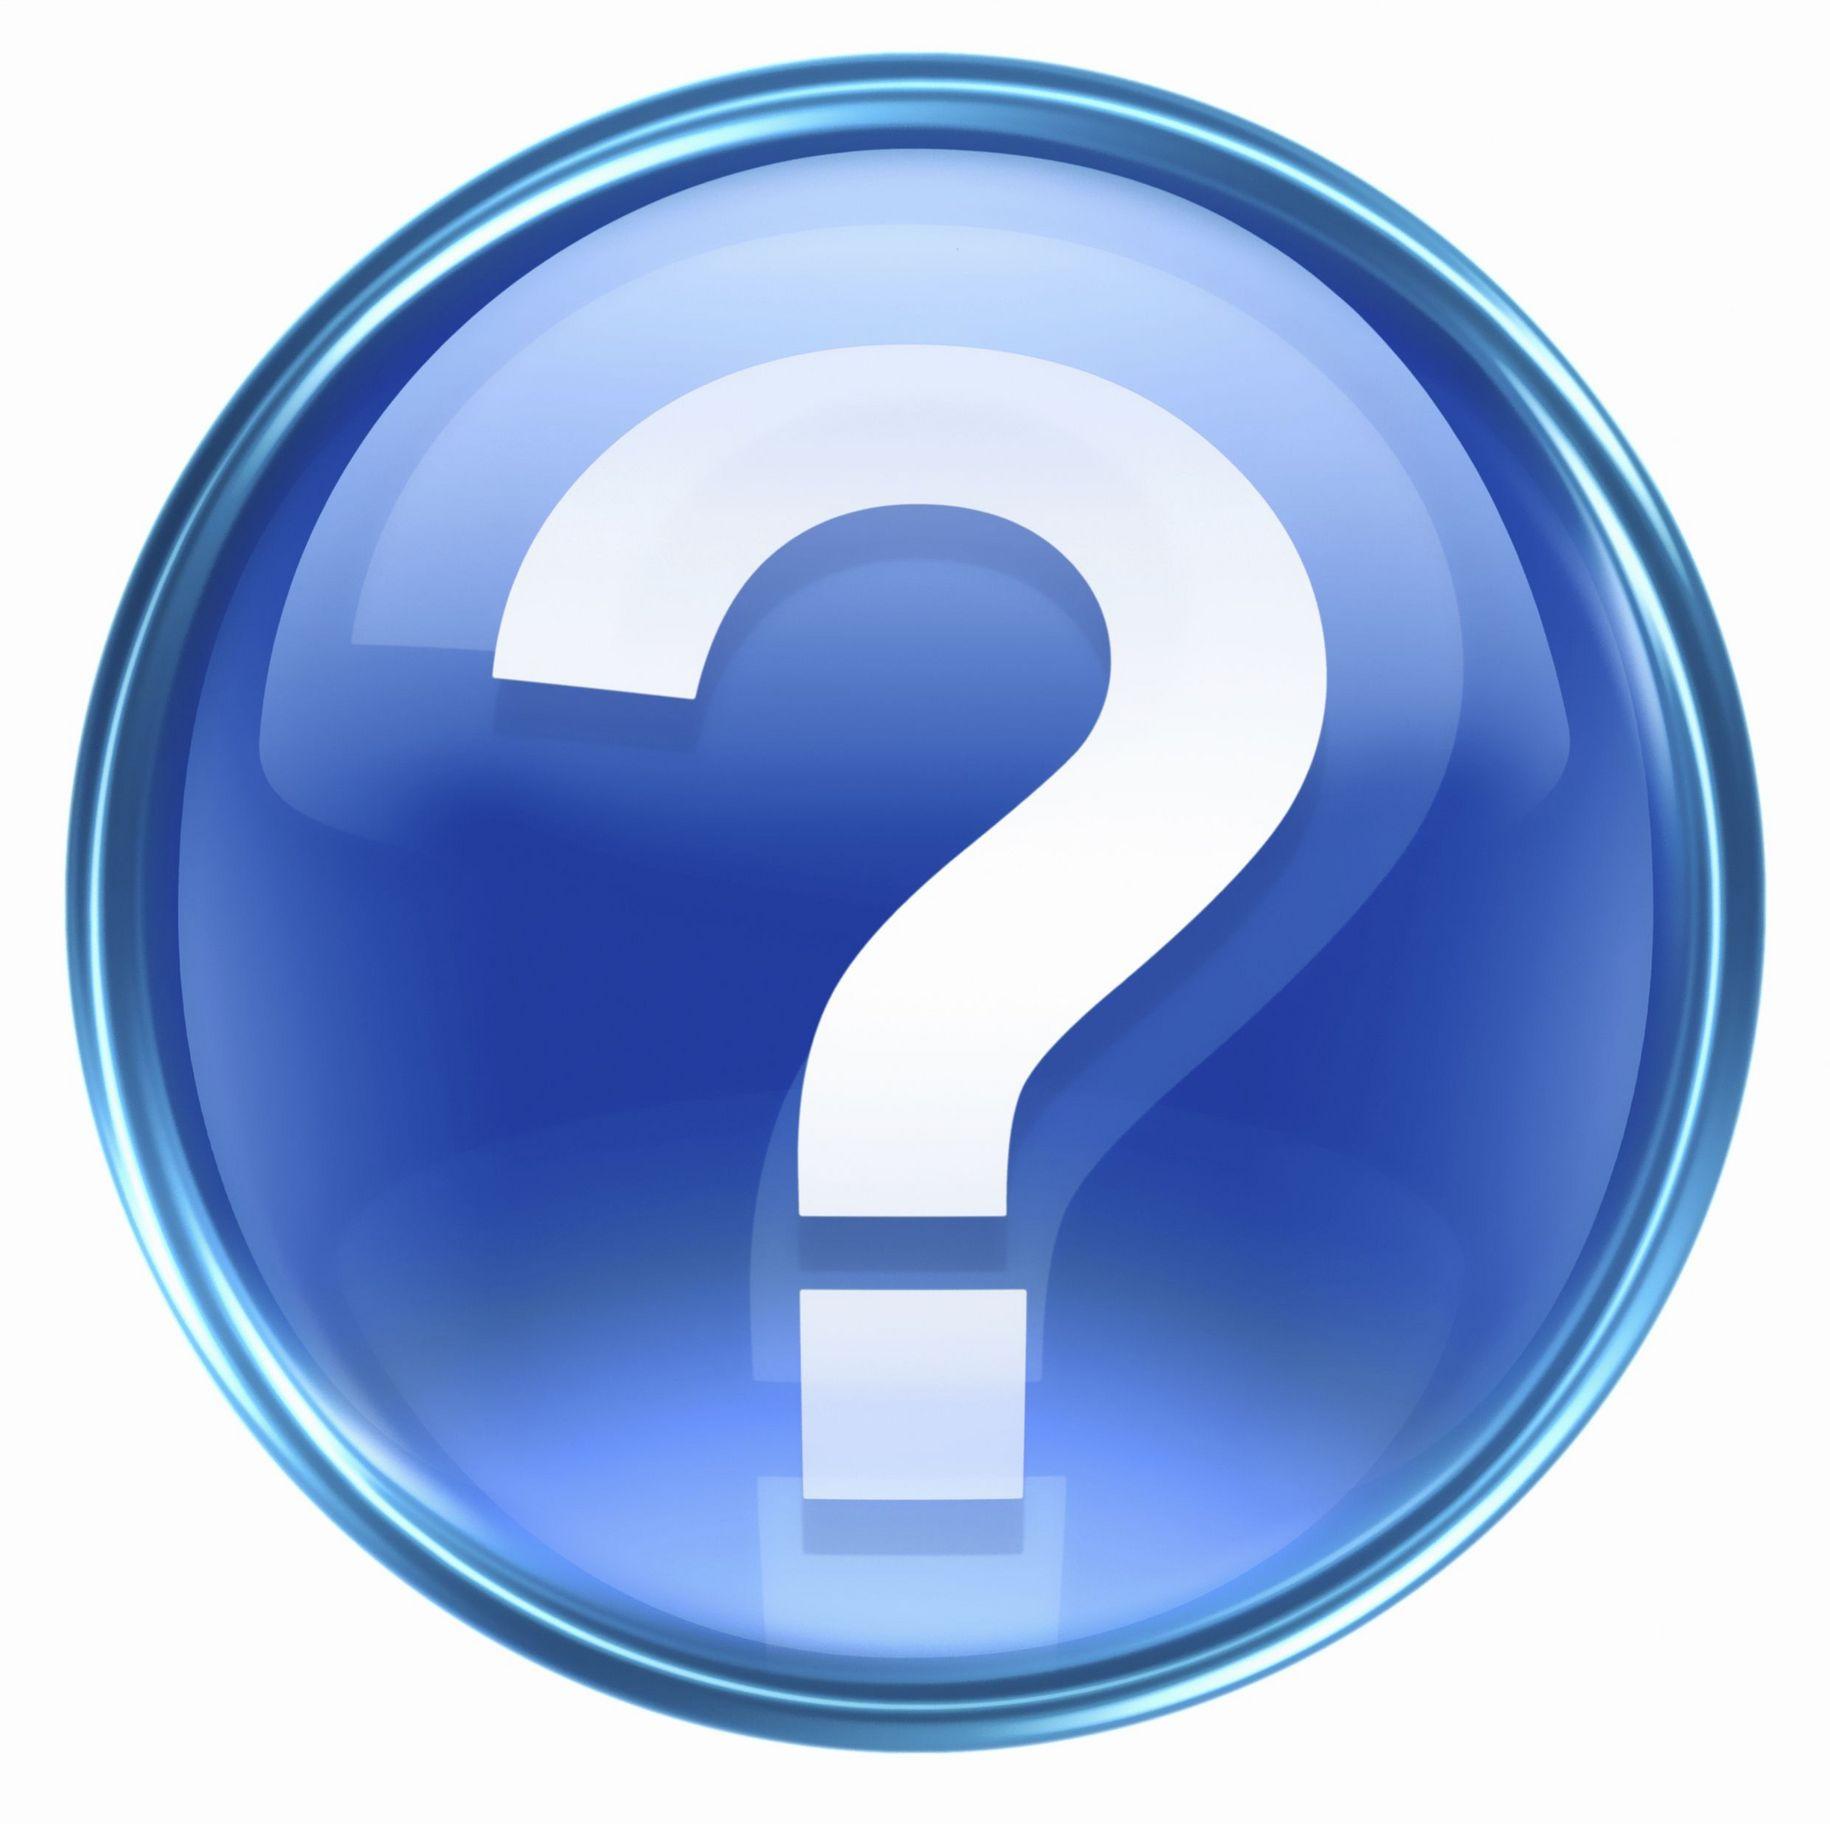 Frage 2: